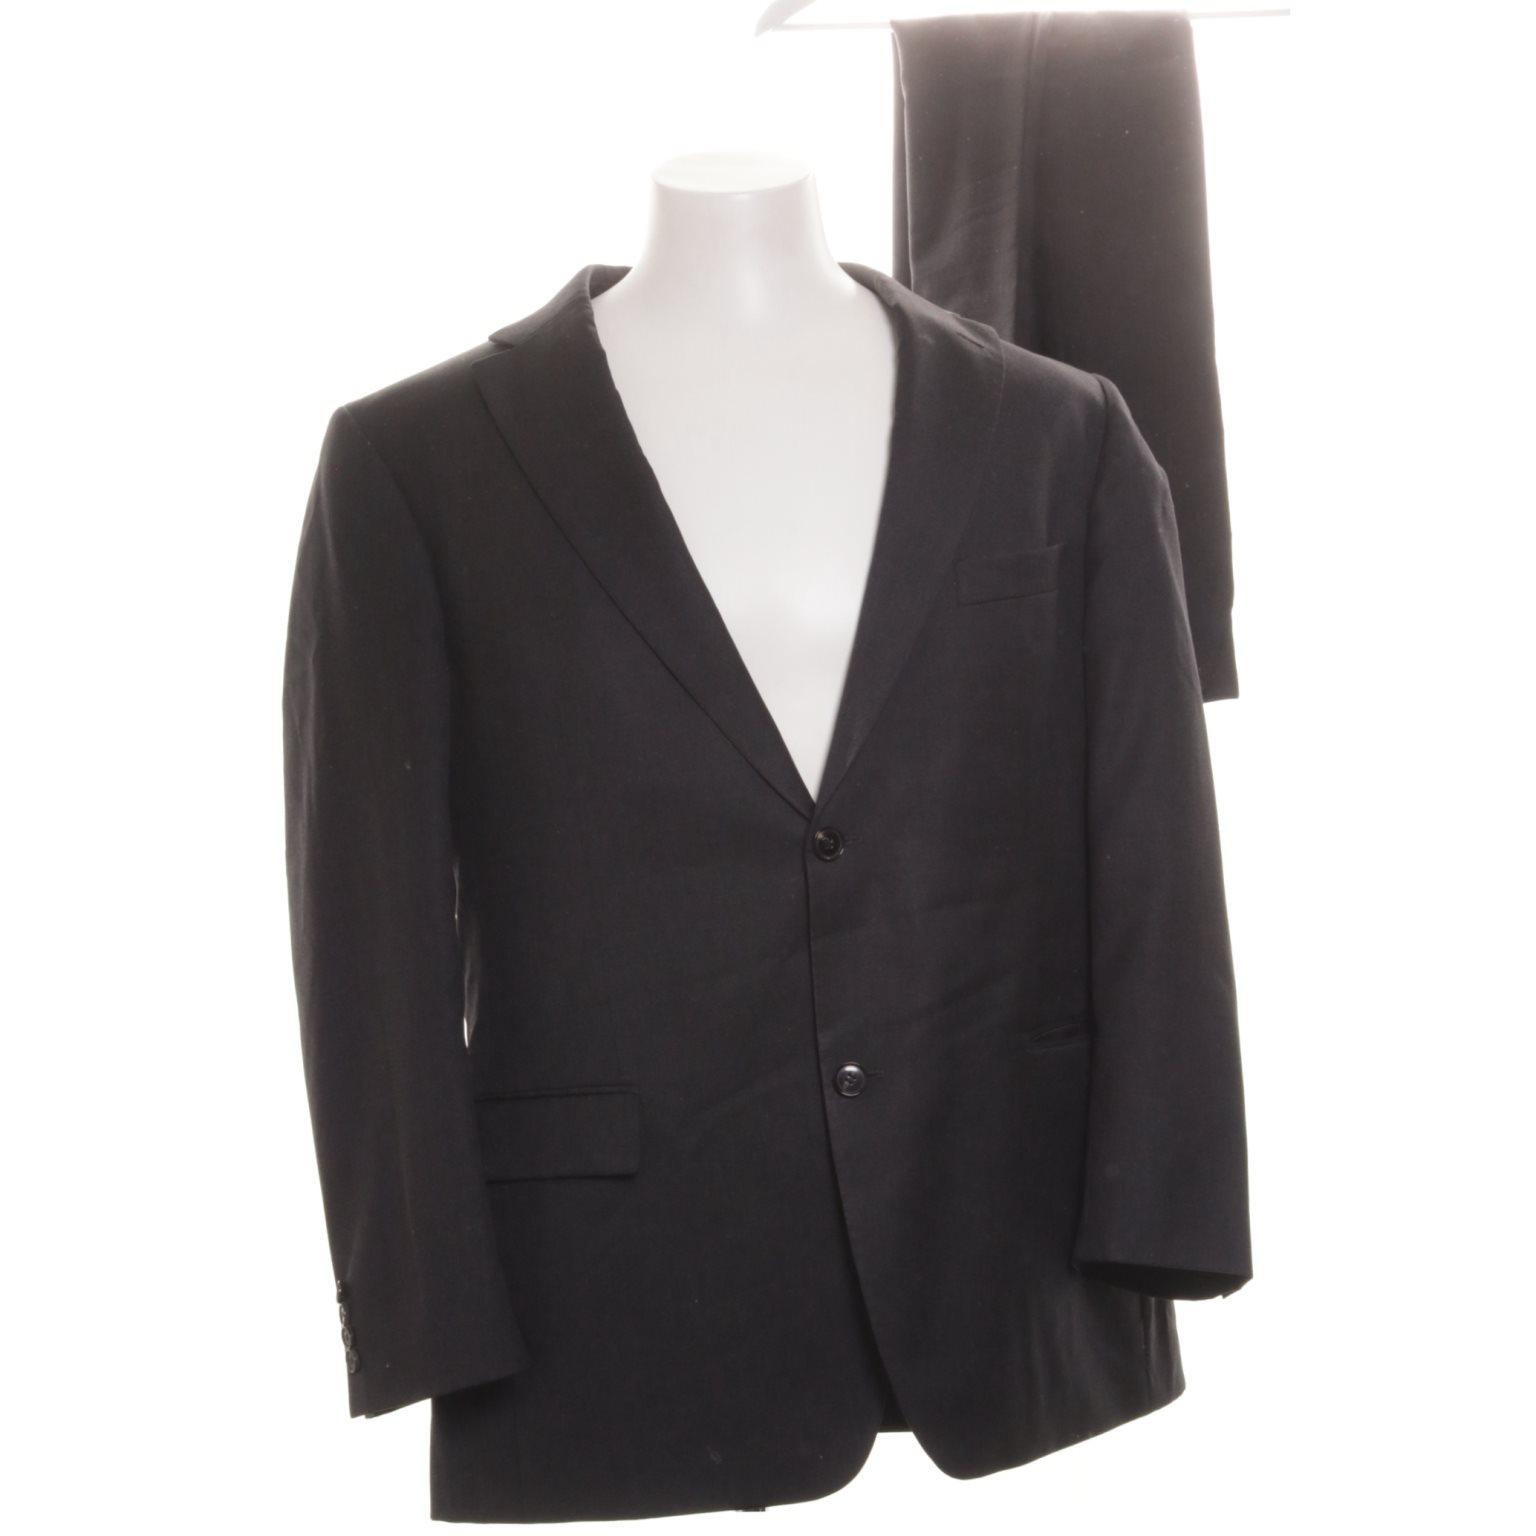 Boss Hugo Boss, Kostym, Strl: 54, Grå, Ull